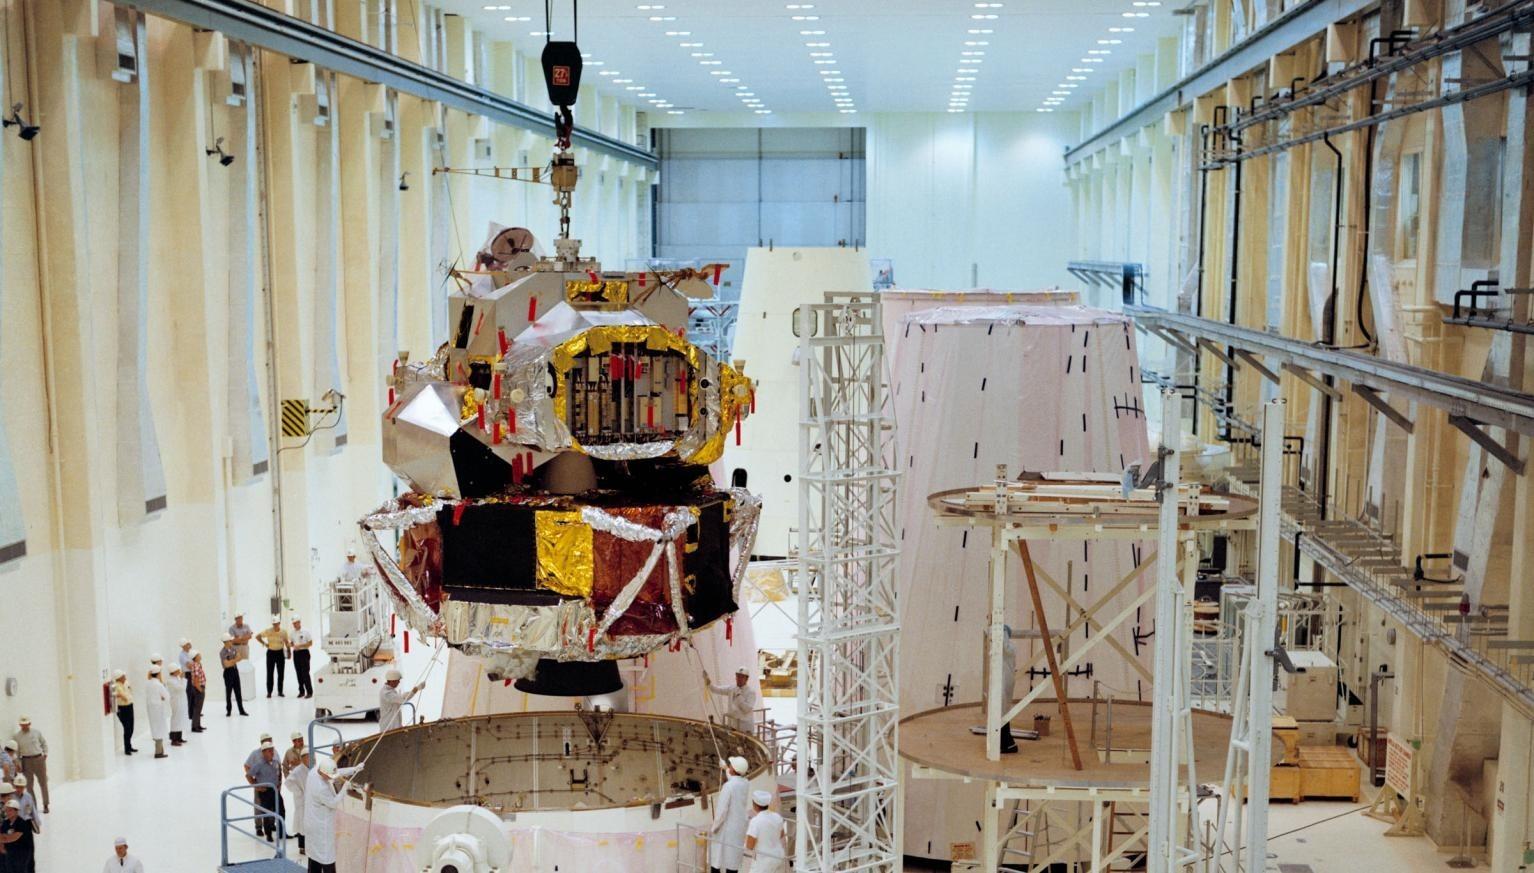 The Lunar Module of Apollo 5 mission